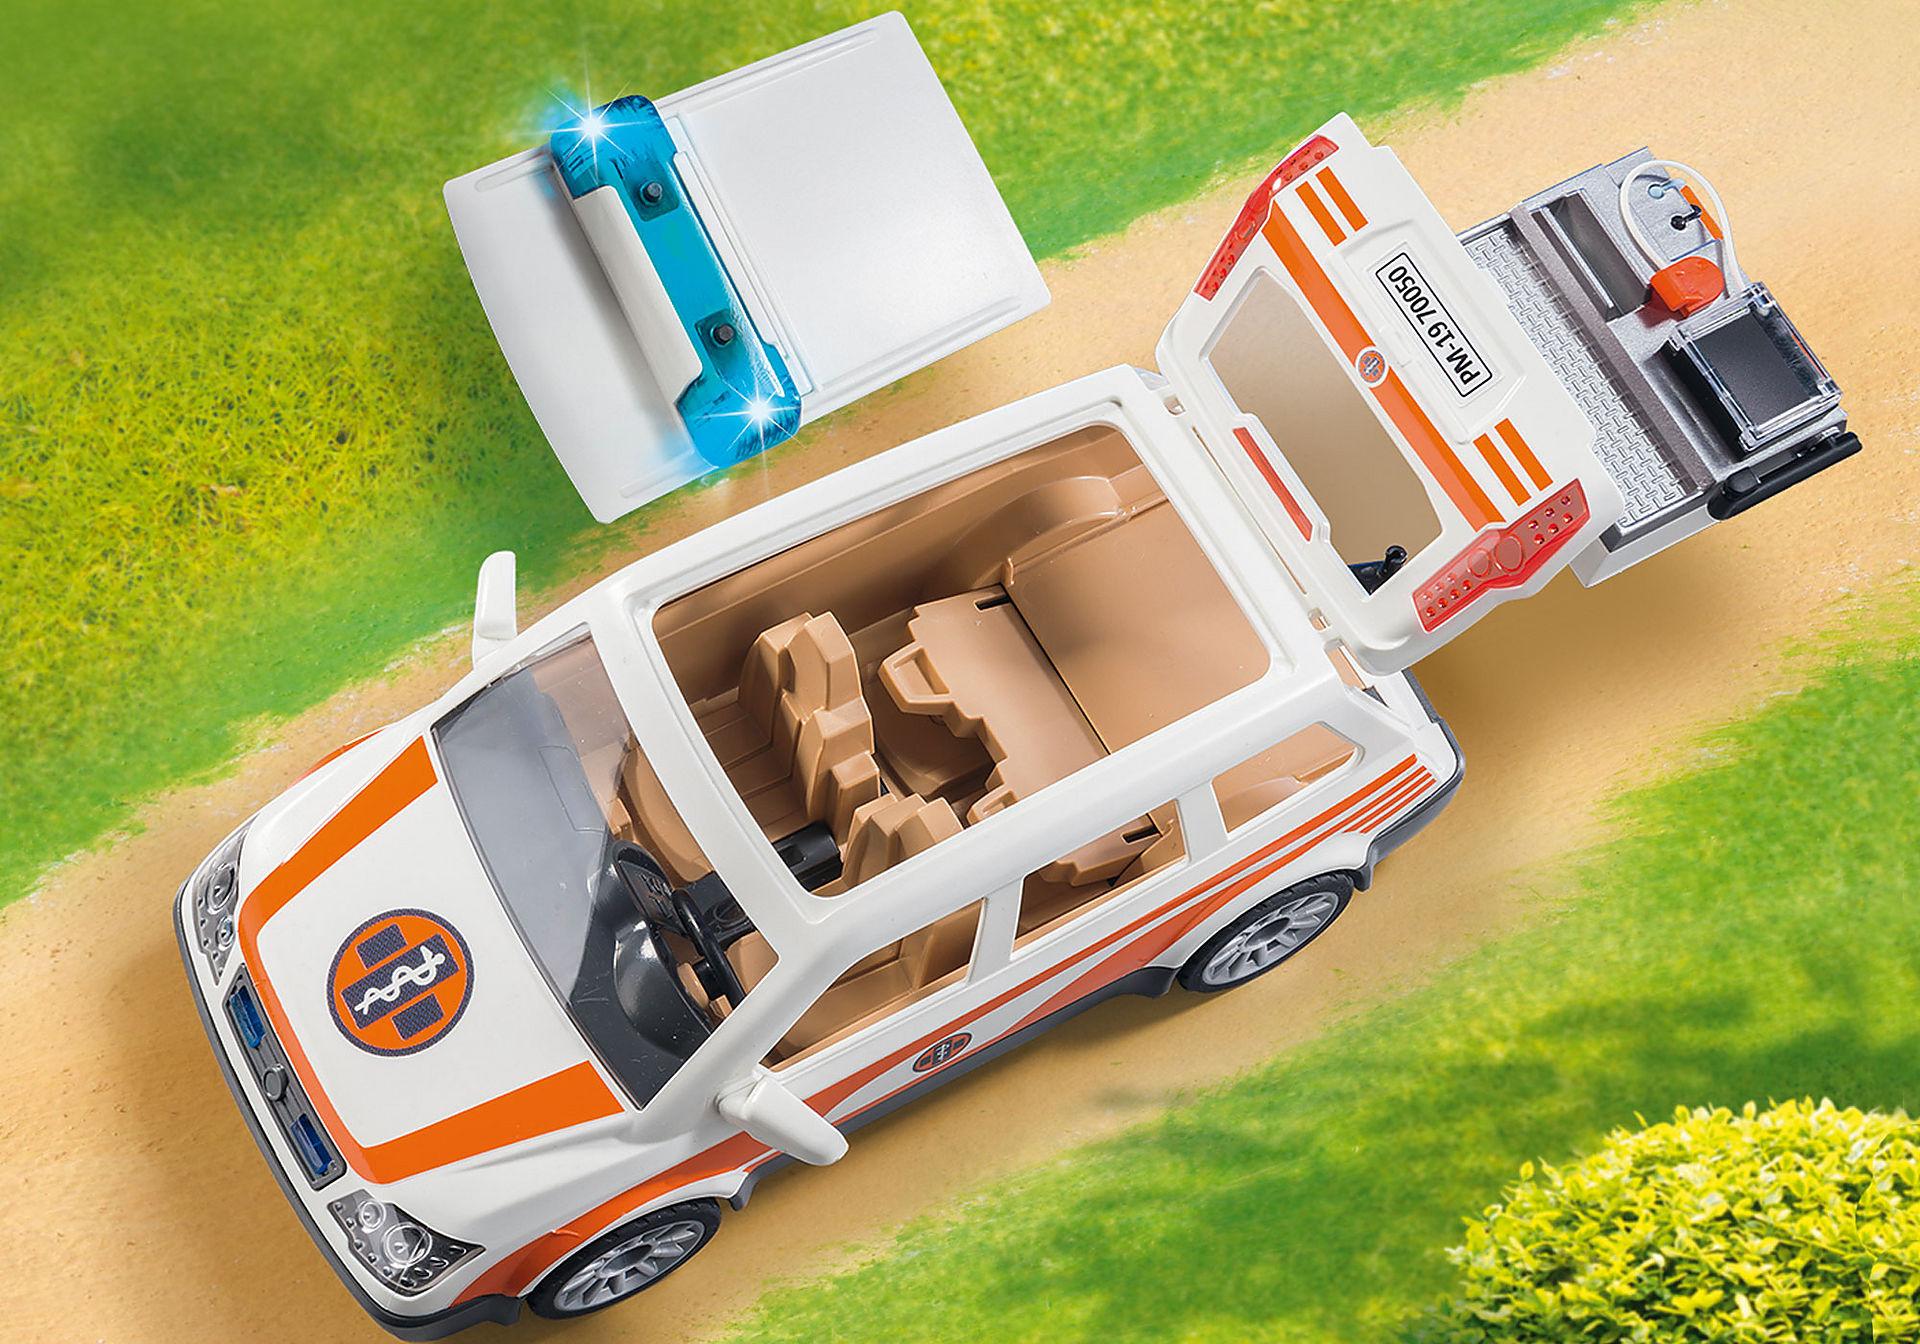 70050 Carro Médico de Emergência com luz e som zoom image5